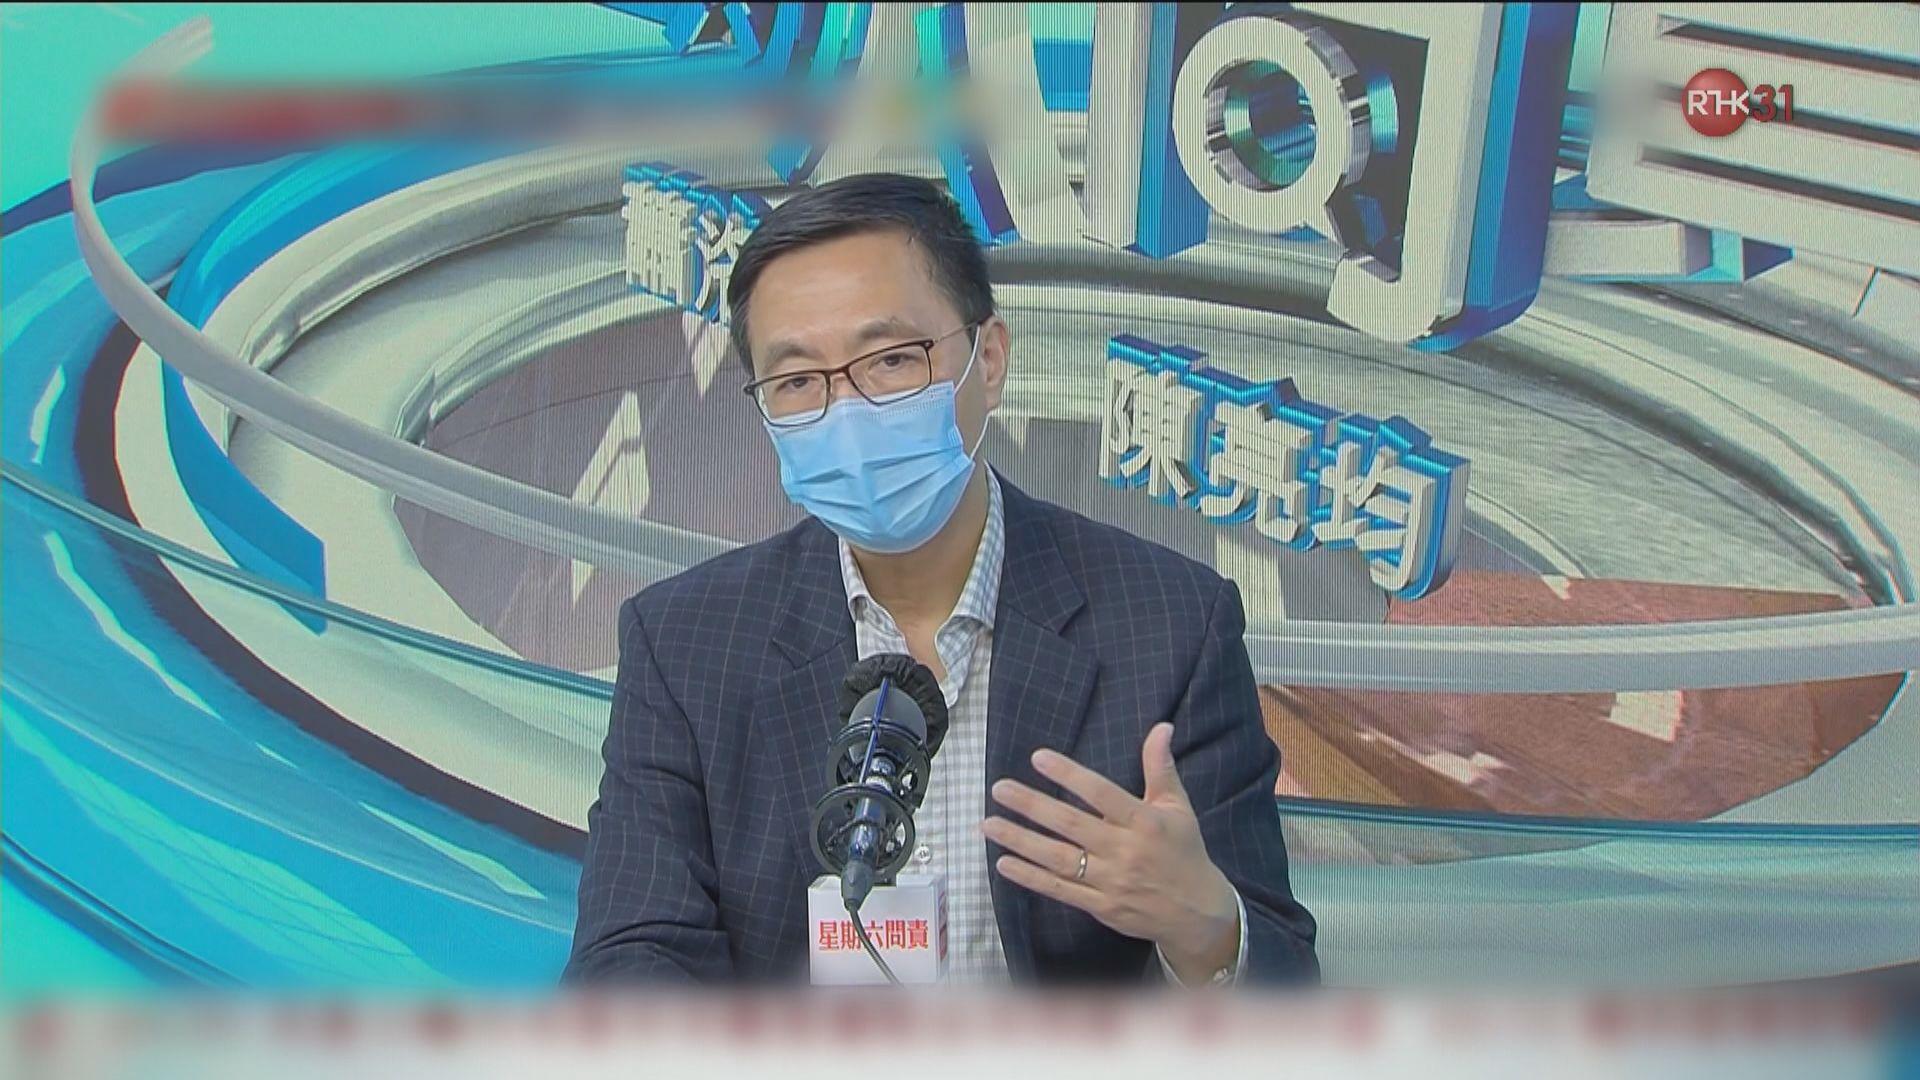 楊潤雄:學界要預備未來隨時因疫情改變授課安排